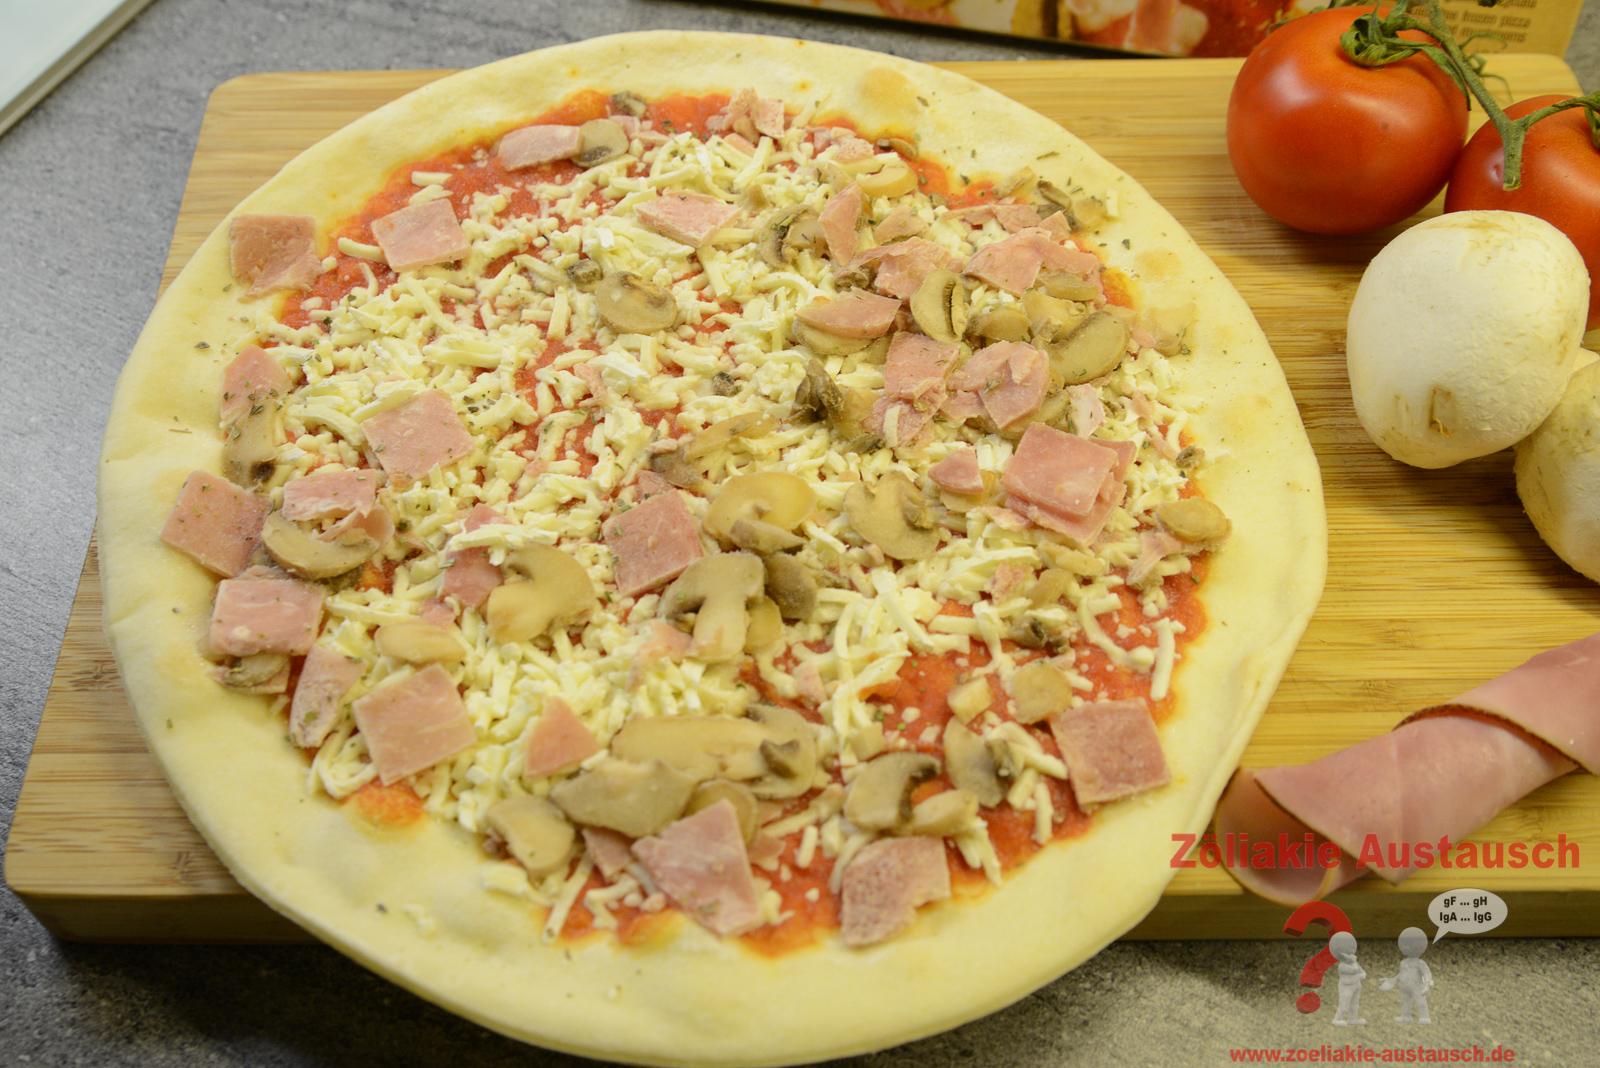 Schaer_Pizza-Zoeliakie_Austausch_017